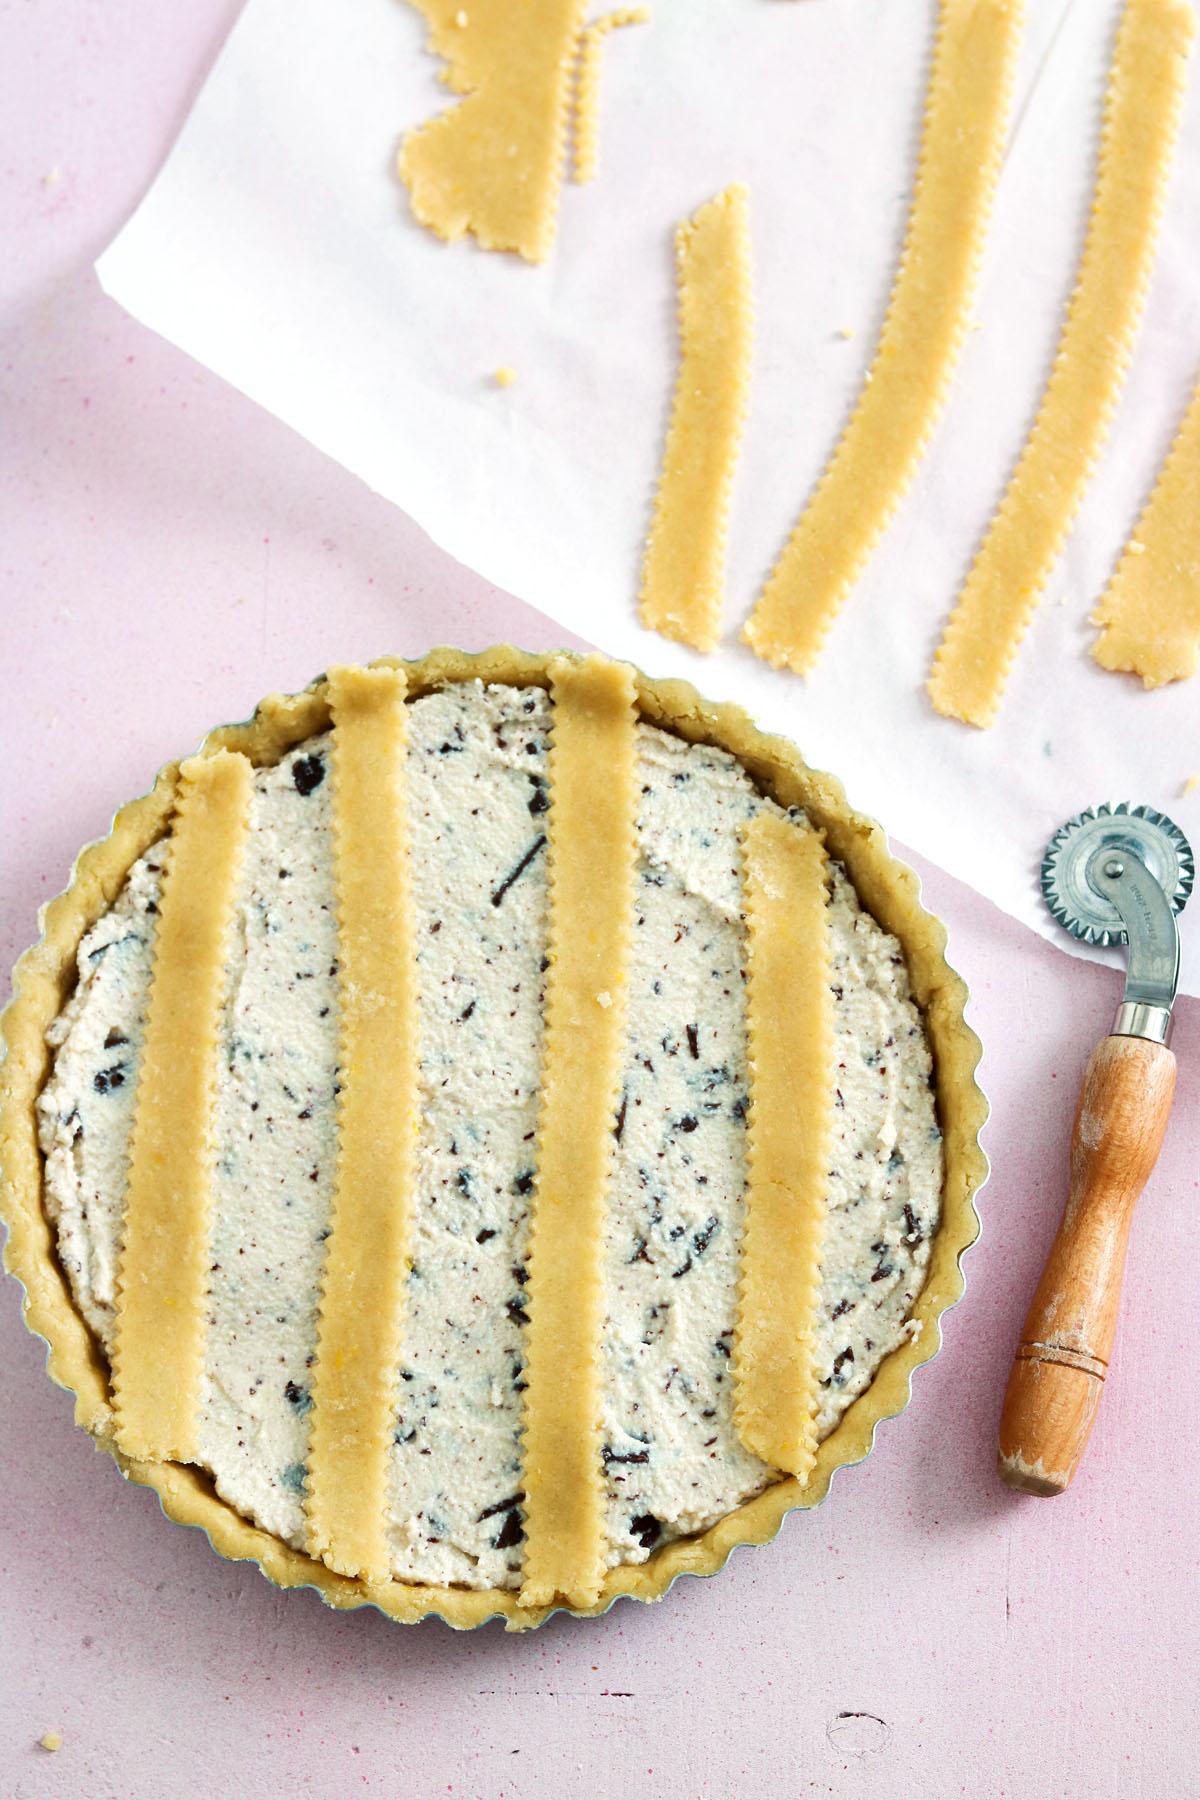 Crostata ricotta e cioccolato-in the pan-putting lattice on